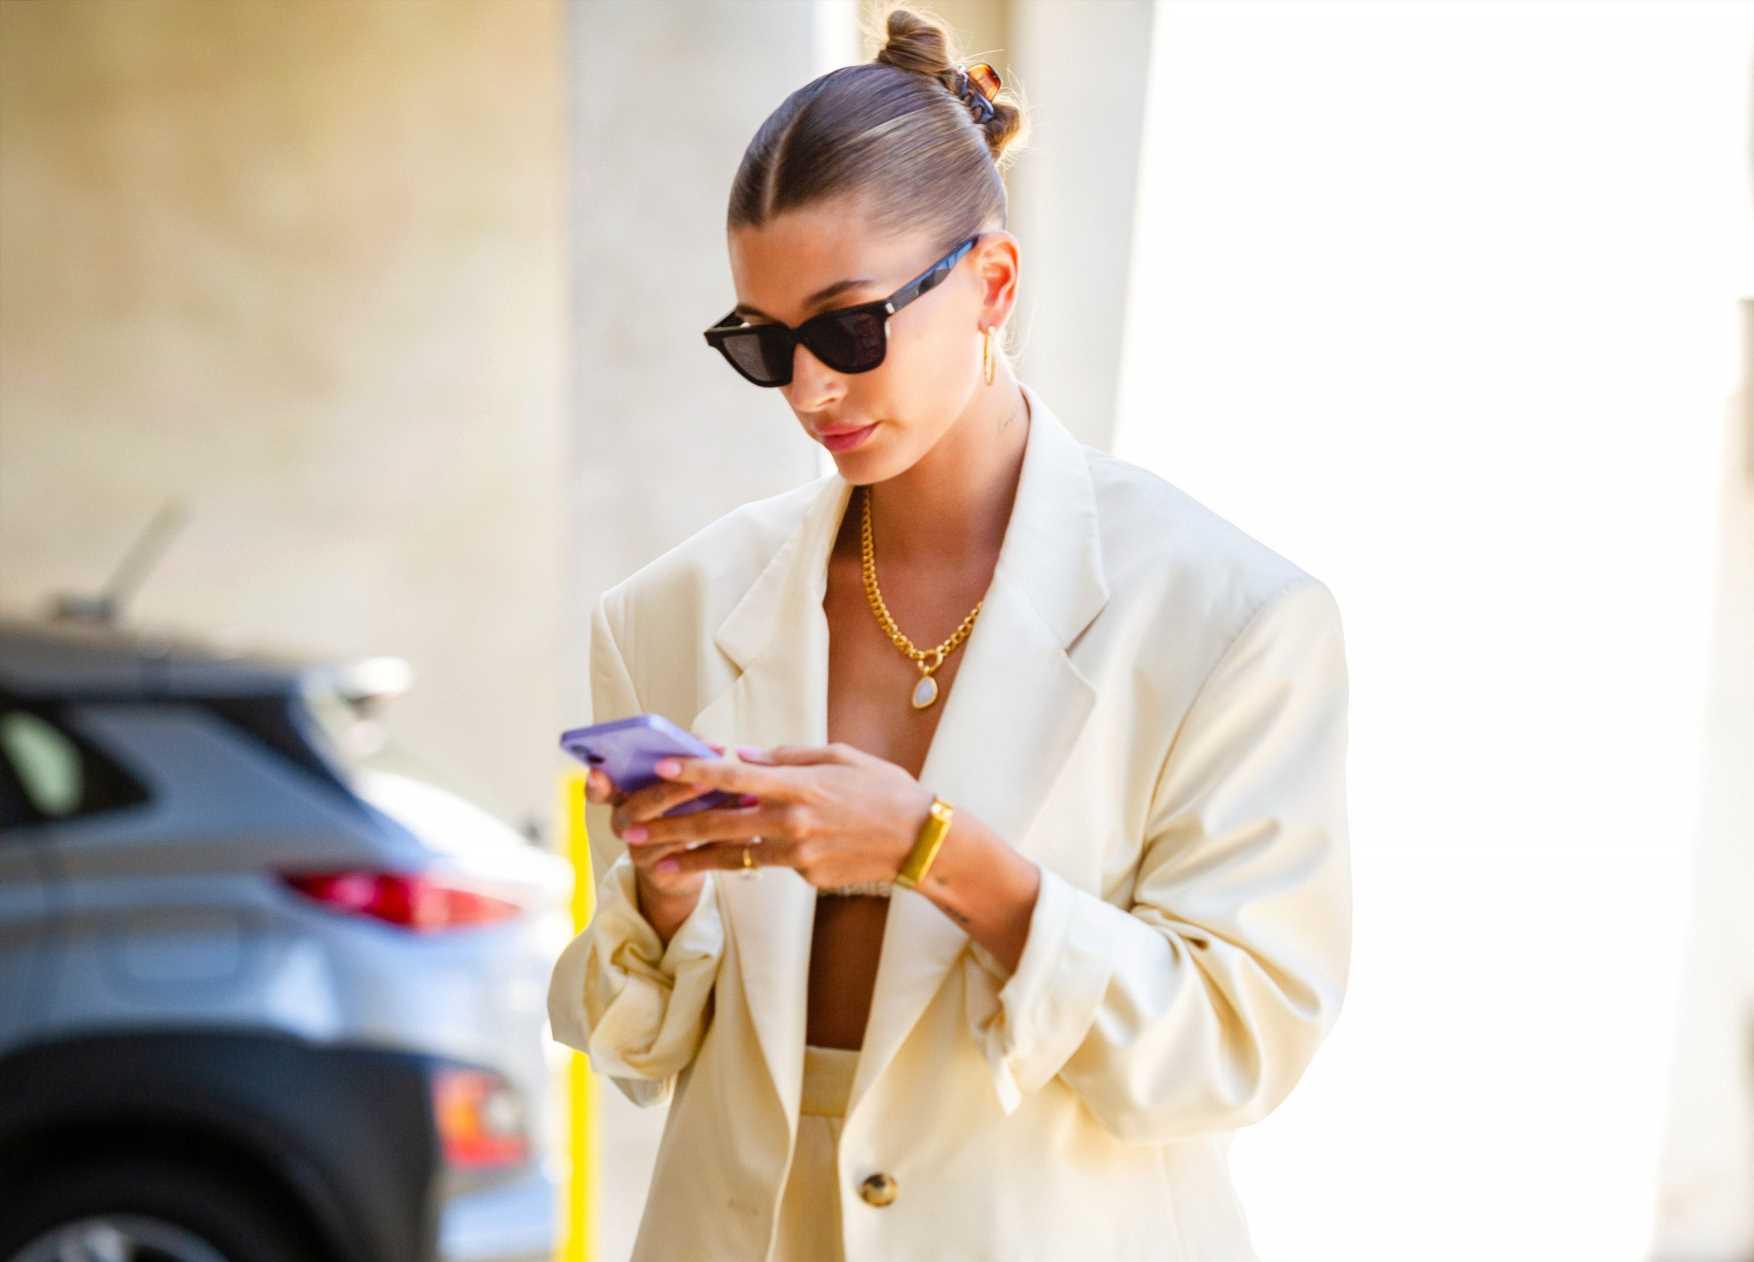 Zara vende el traje amarillo pastel de Hailey Bieber